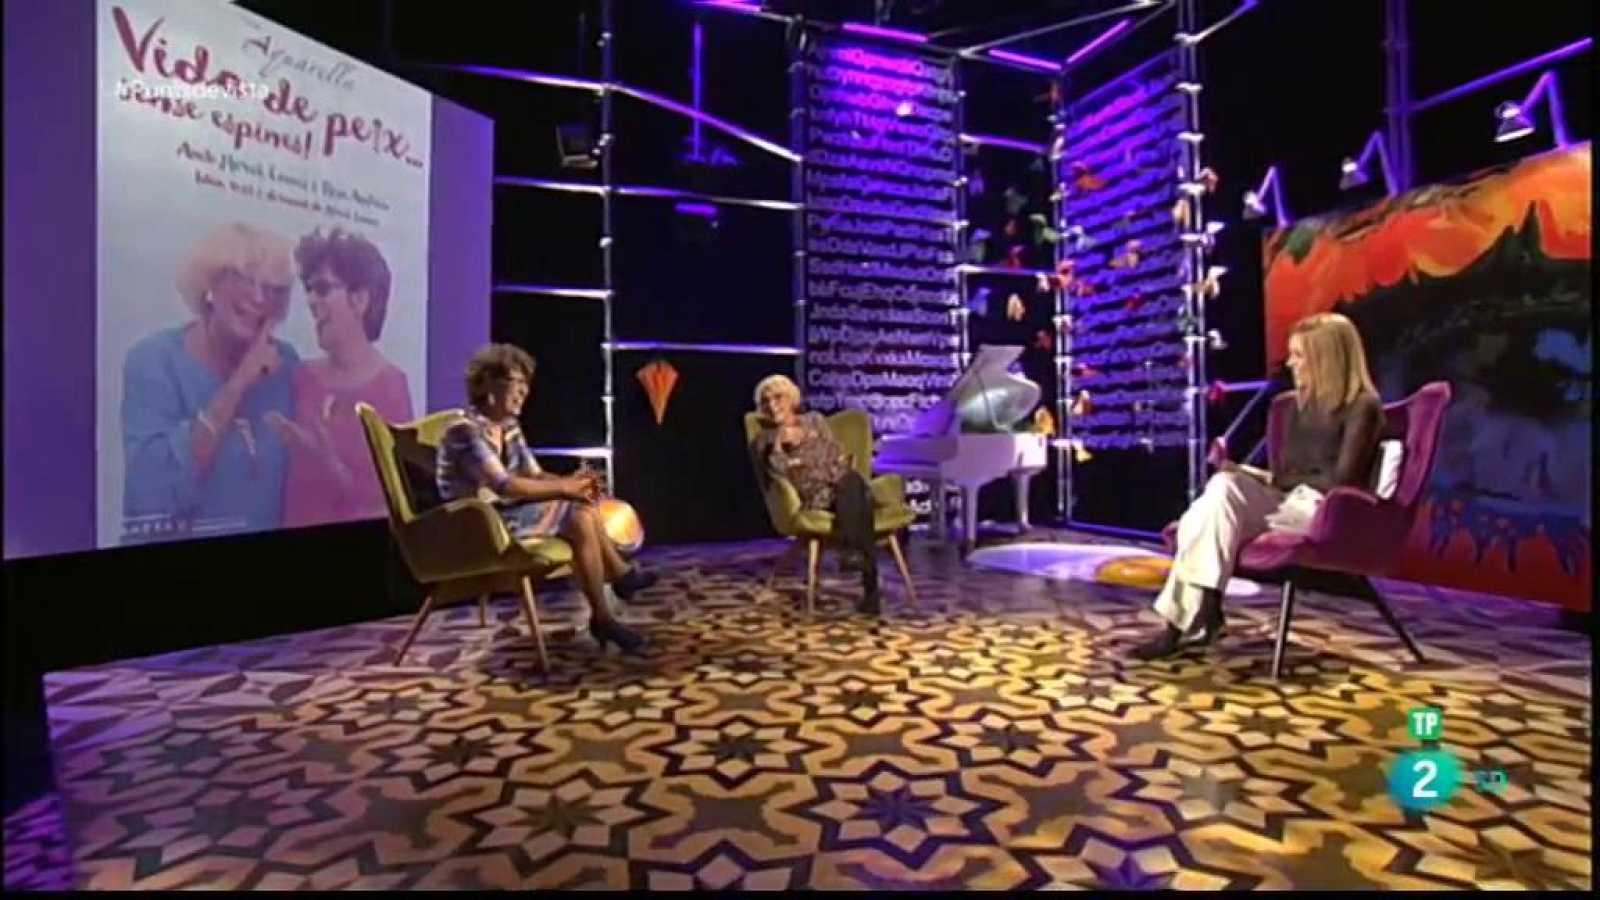 El Ballet de Barcelona, les actrius Mercè Comes i Rosa Andreu, i la sèrie policial 'Antidisturbios' a Punts de vista